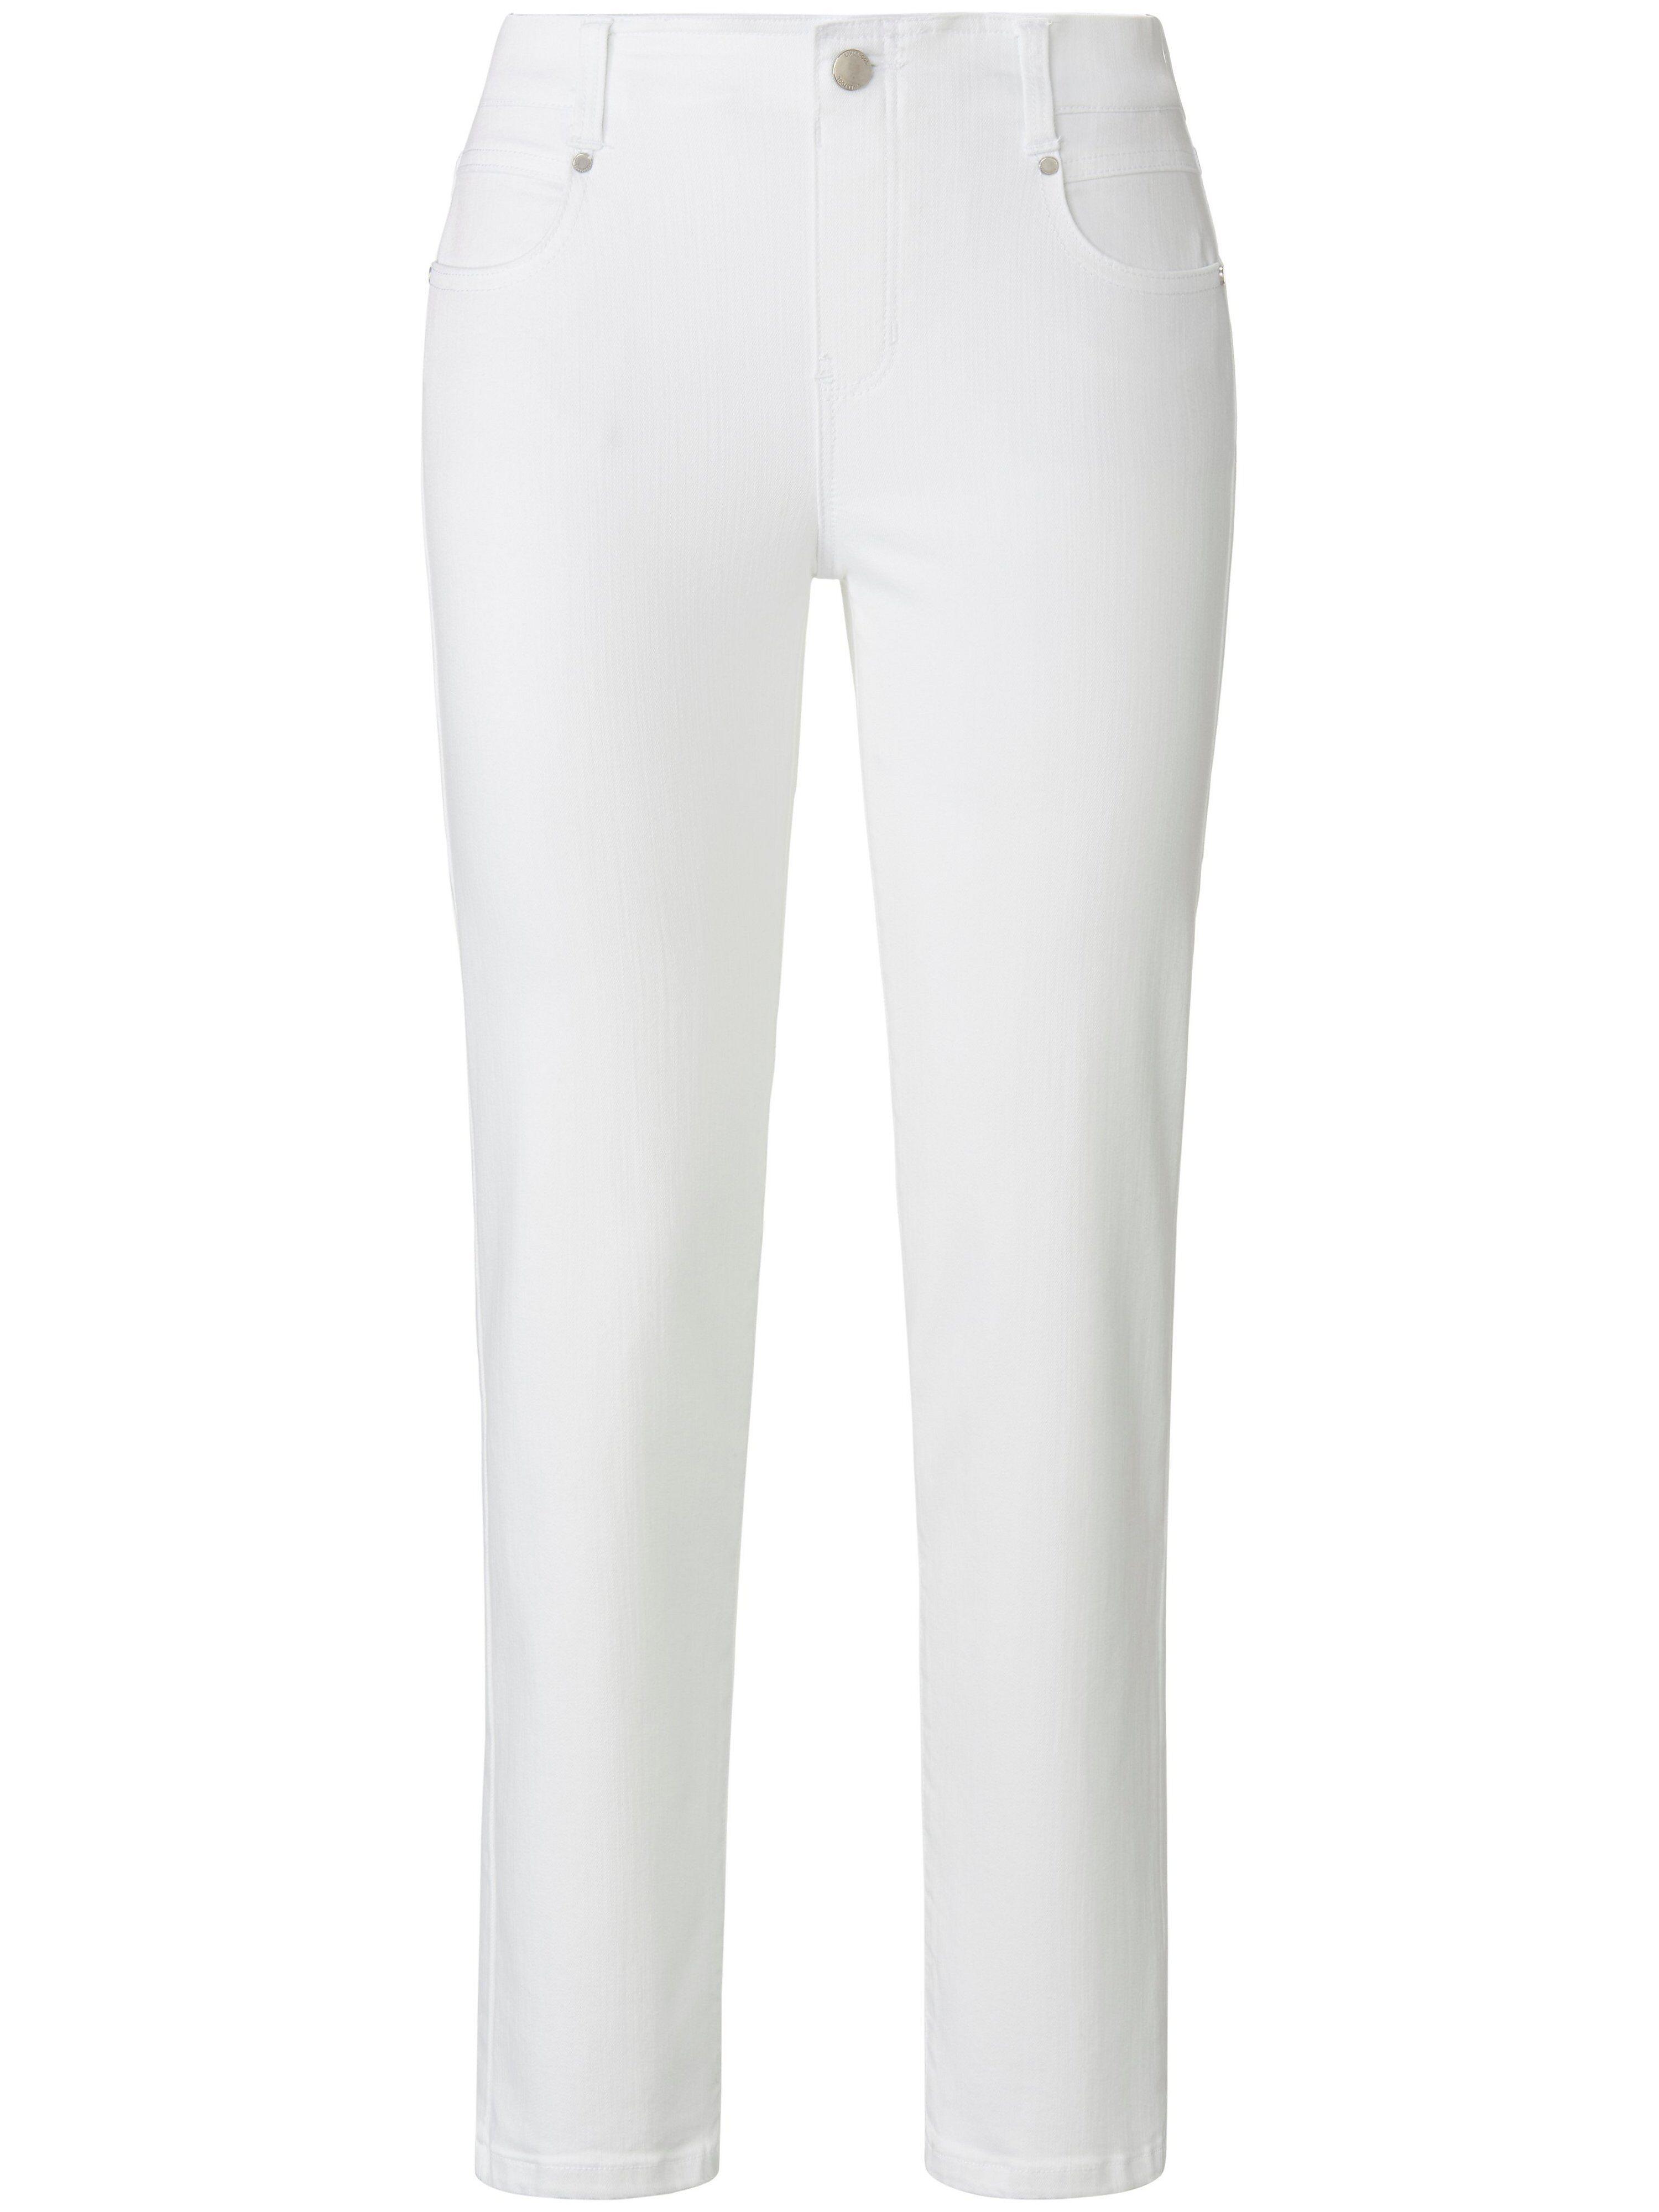 LIVERPOOL Le jean taille élastiquée modèle Gia Glider Slim  LIVERPOOL blanc  - Femme - 40